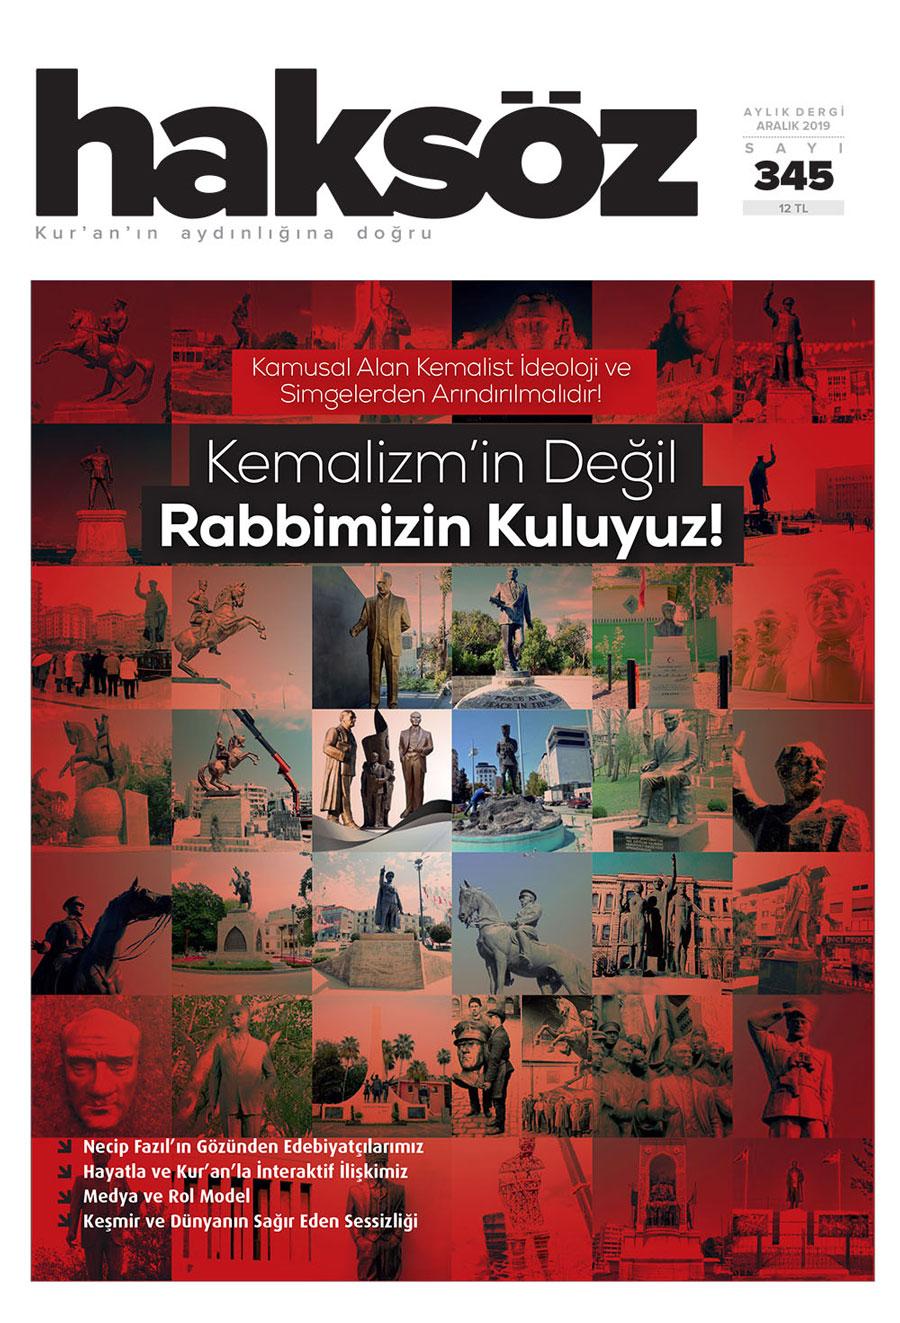 haksoz-aralik-2019-345_kemalizm.jpg